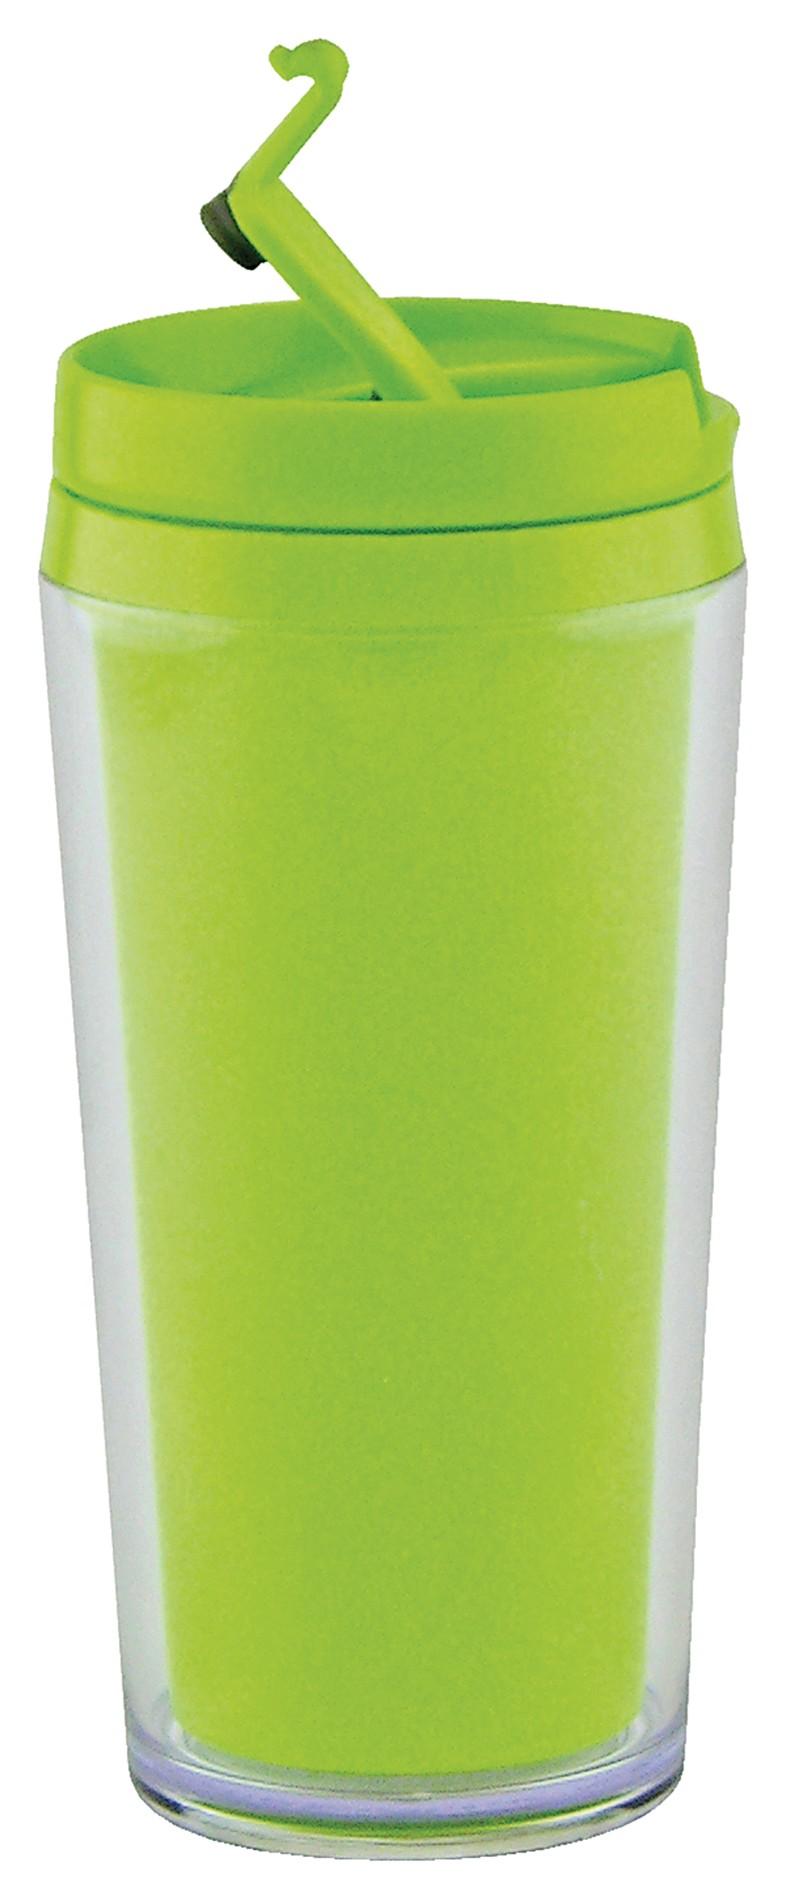 θερμός ποτήρι zak designs μελαμίνης opaque λαχανί 45cl home   αξεσουαρ κουζινας   παγούρια   θερμός